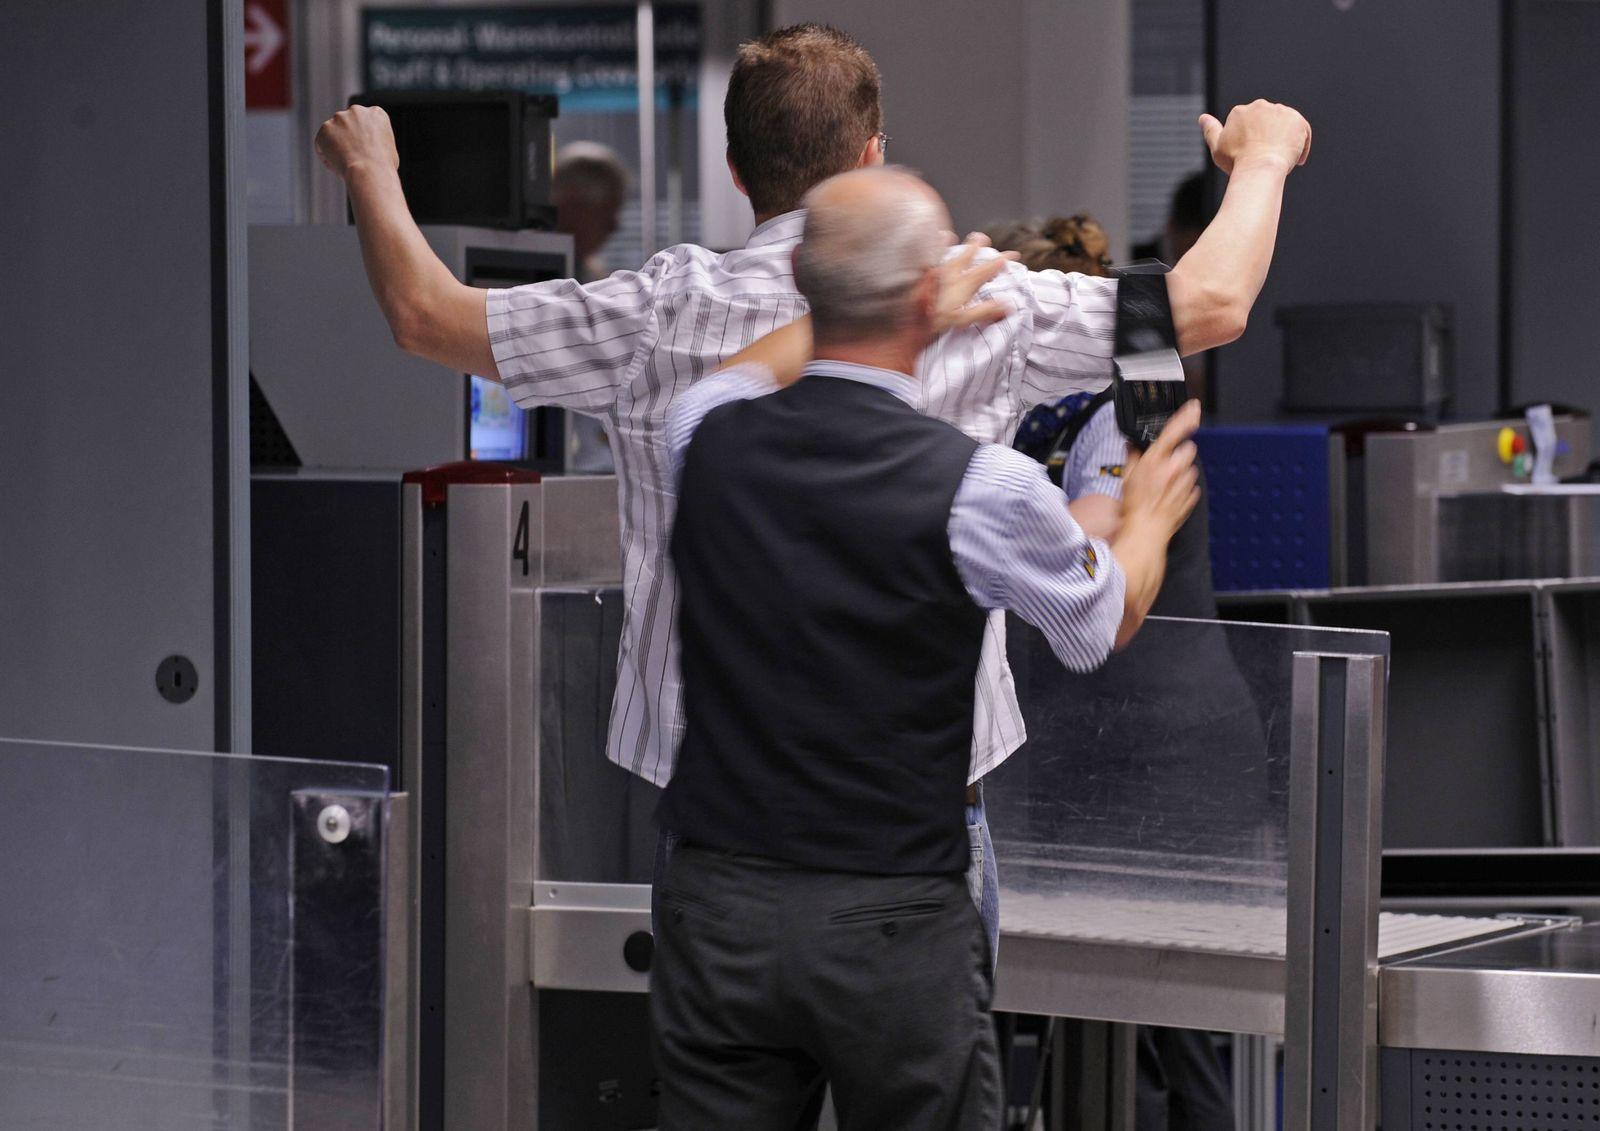 NICHT VERWENDEN Flughafen, Sicherheitskontrollen